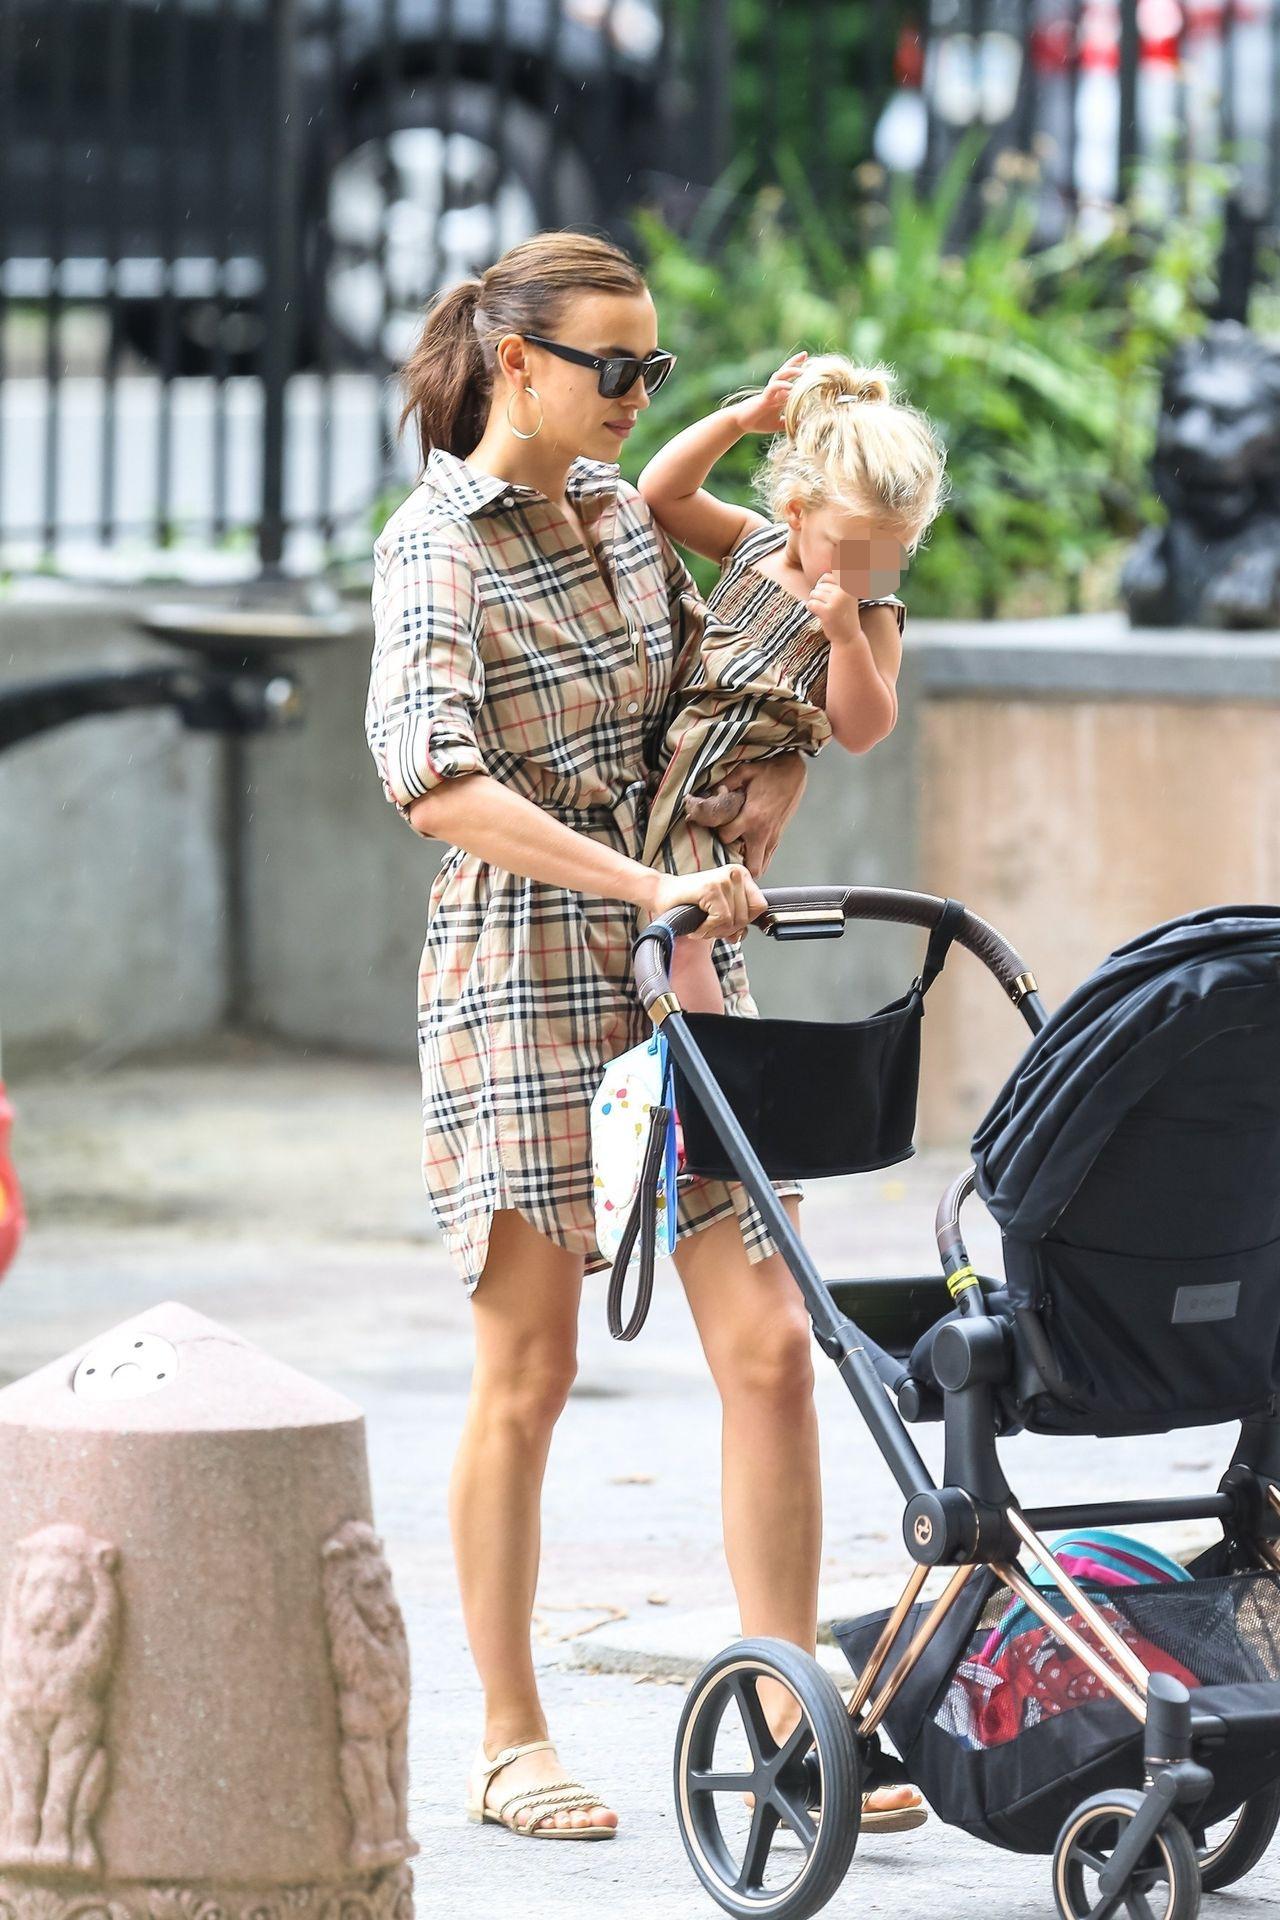 Irina Shayk w sukience Burberry siedzi w piaskownicy z córeczką Leą – po rozstaniu z Bradleyem dobry humor jej nie opuszcza